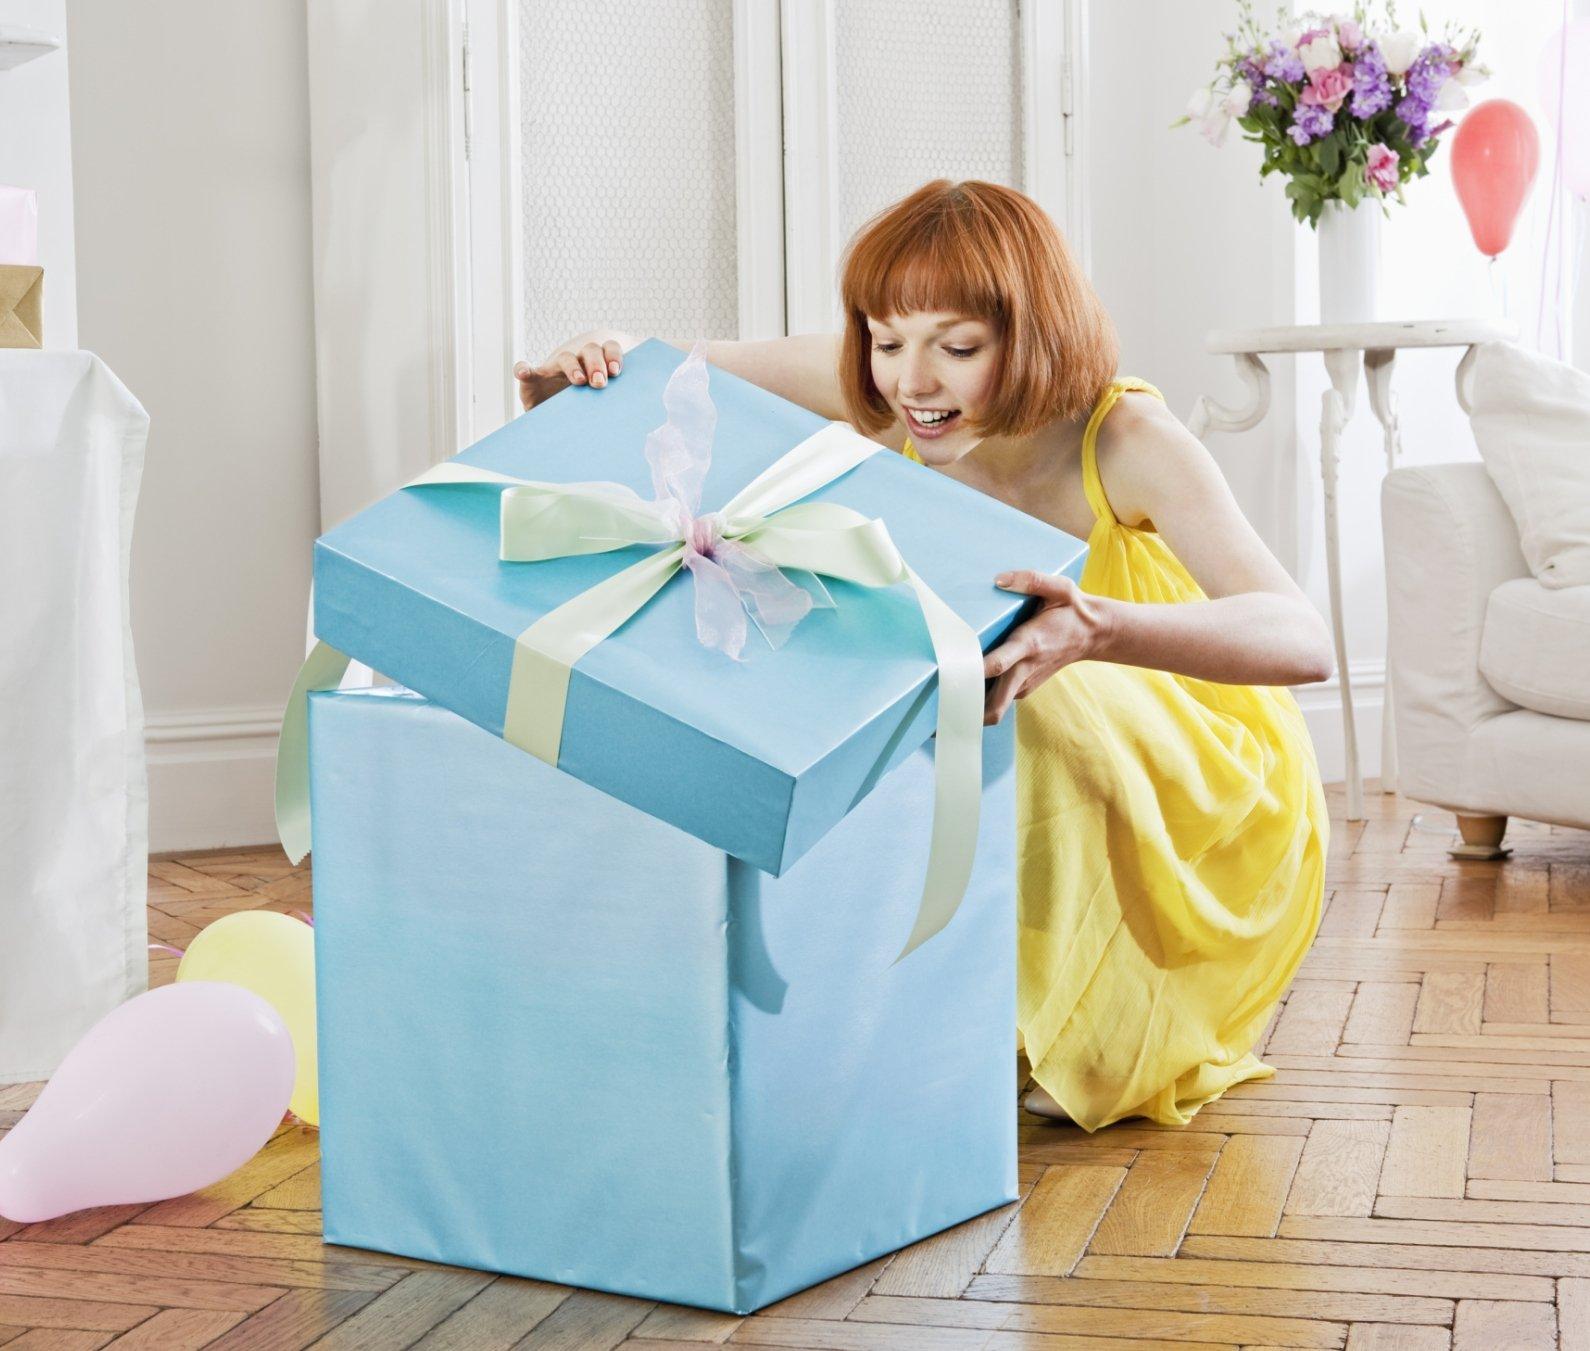 Как просить подарок у мужчины - Rakov